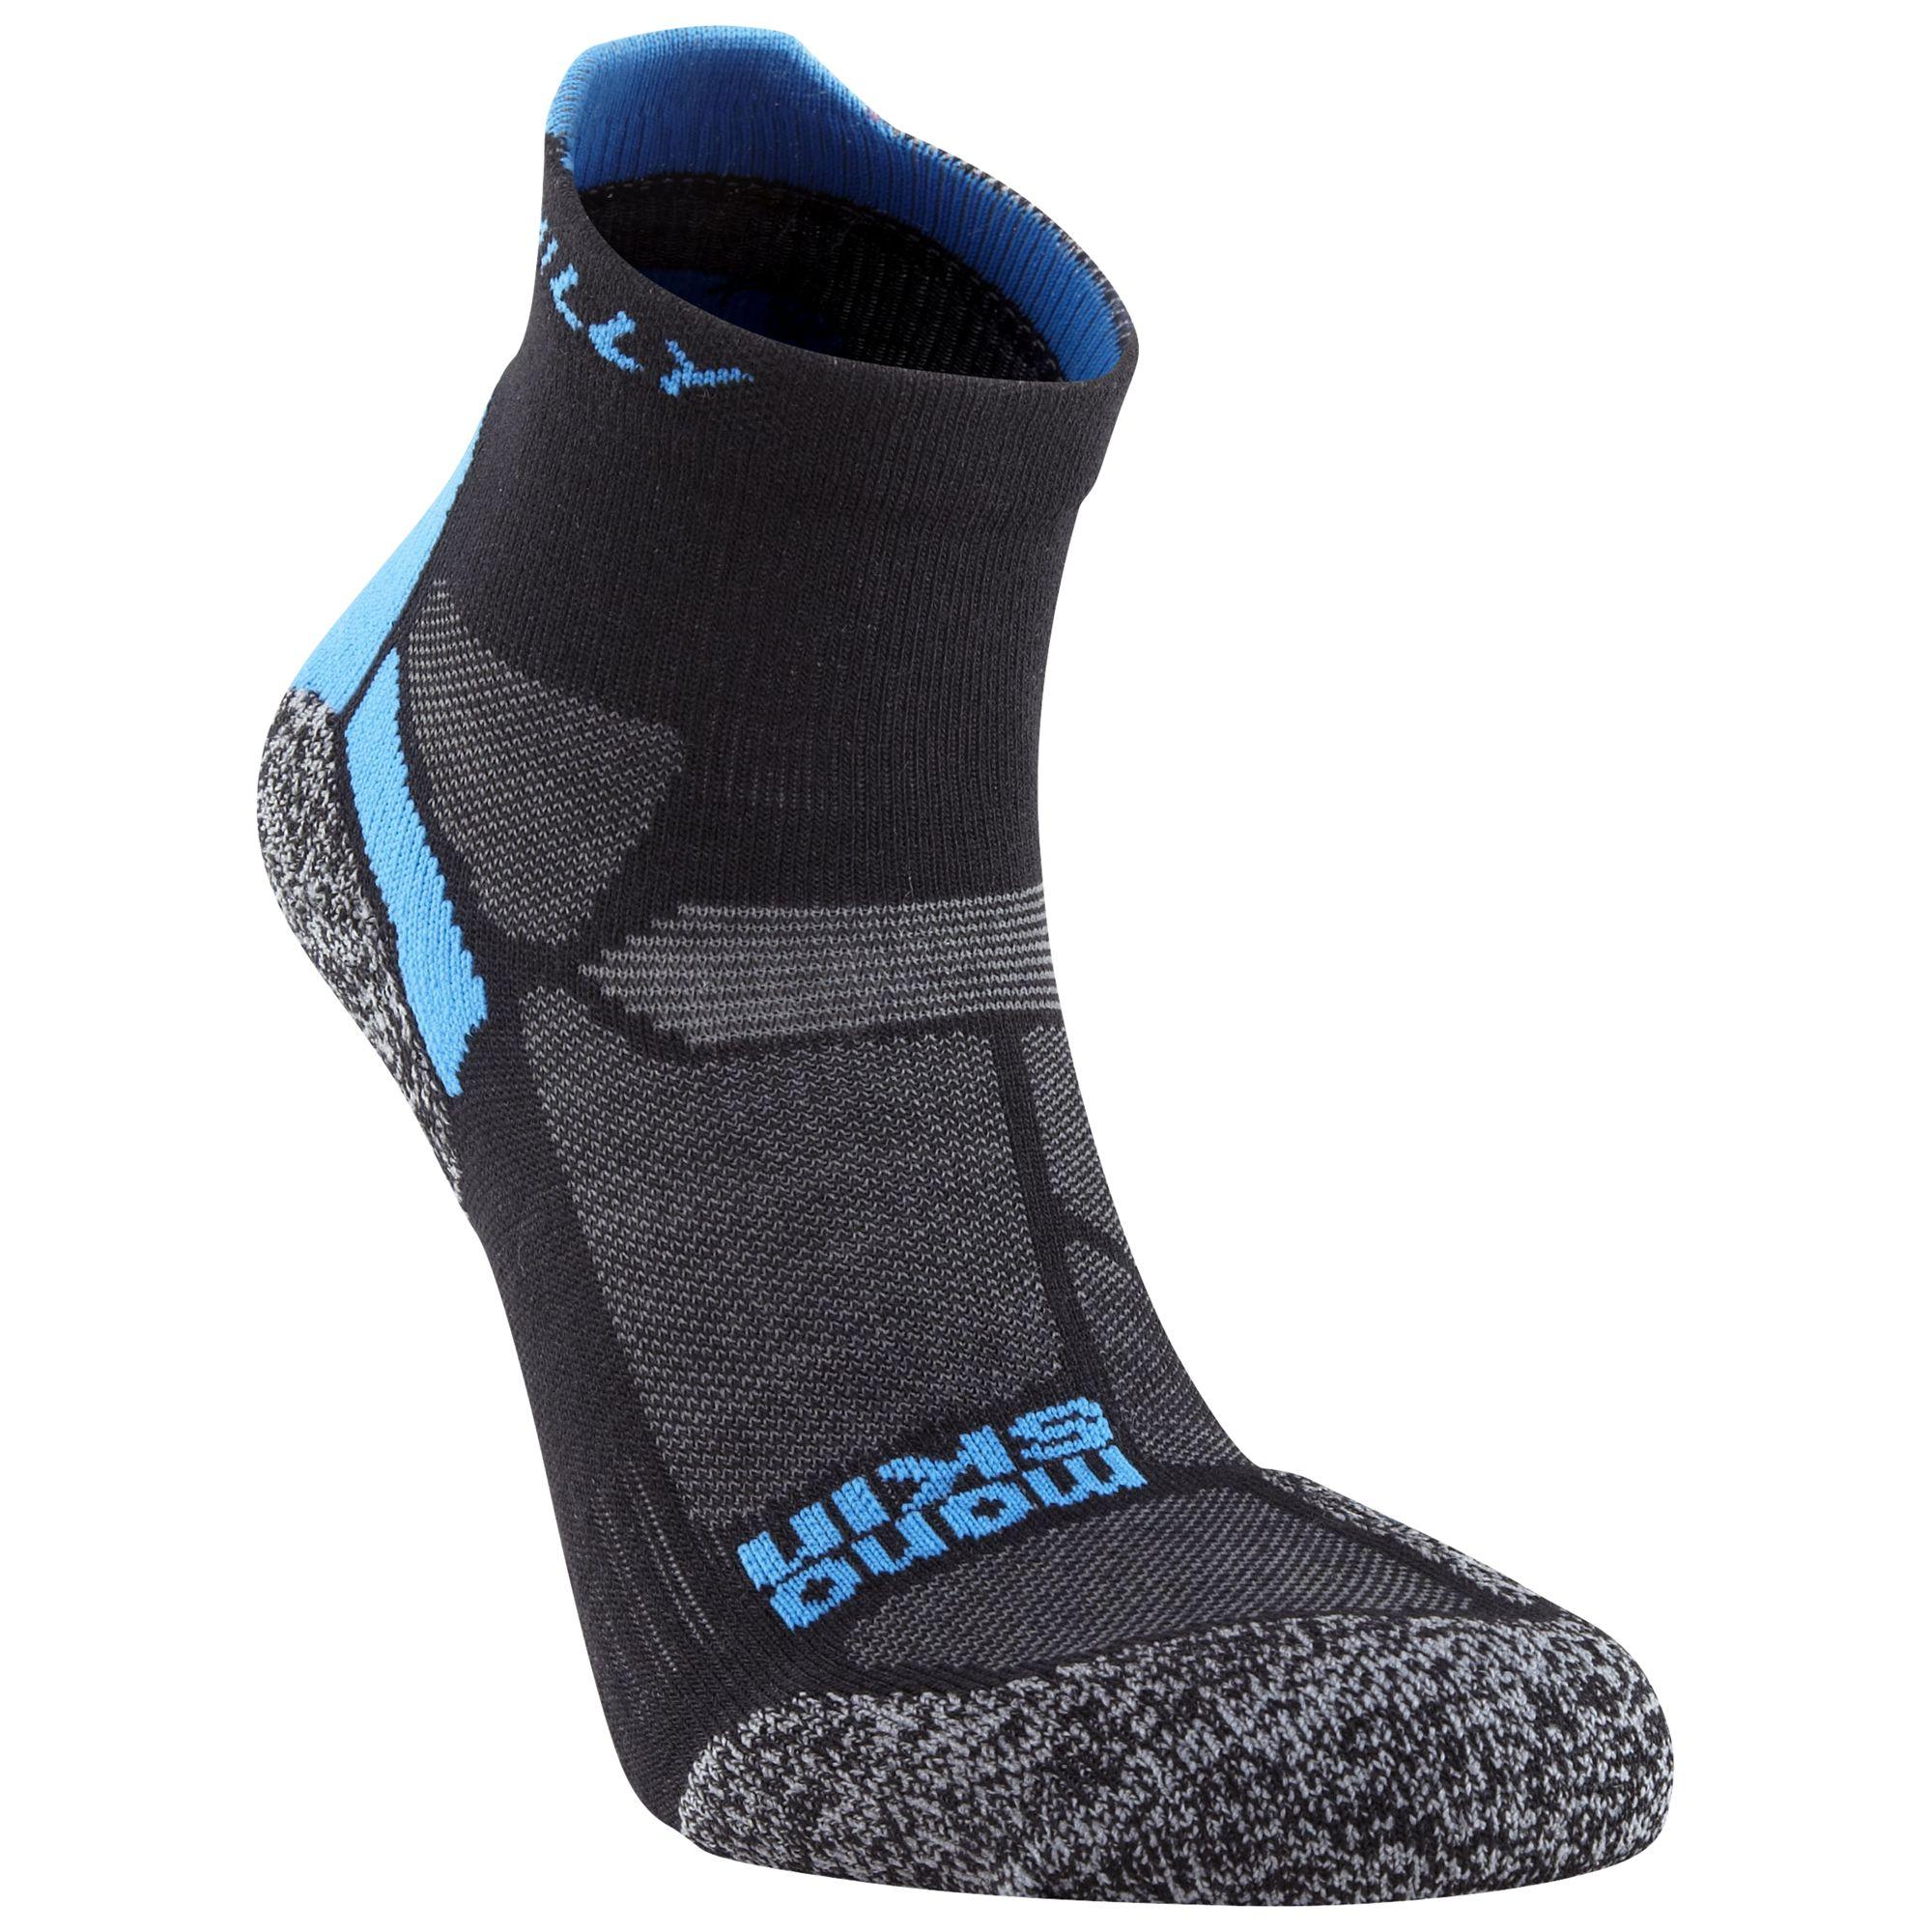 Hilly Hilly Energize Anklet Socks, Black/Blue